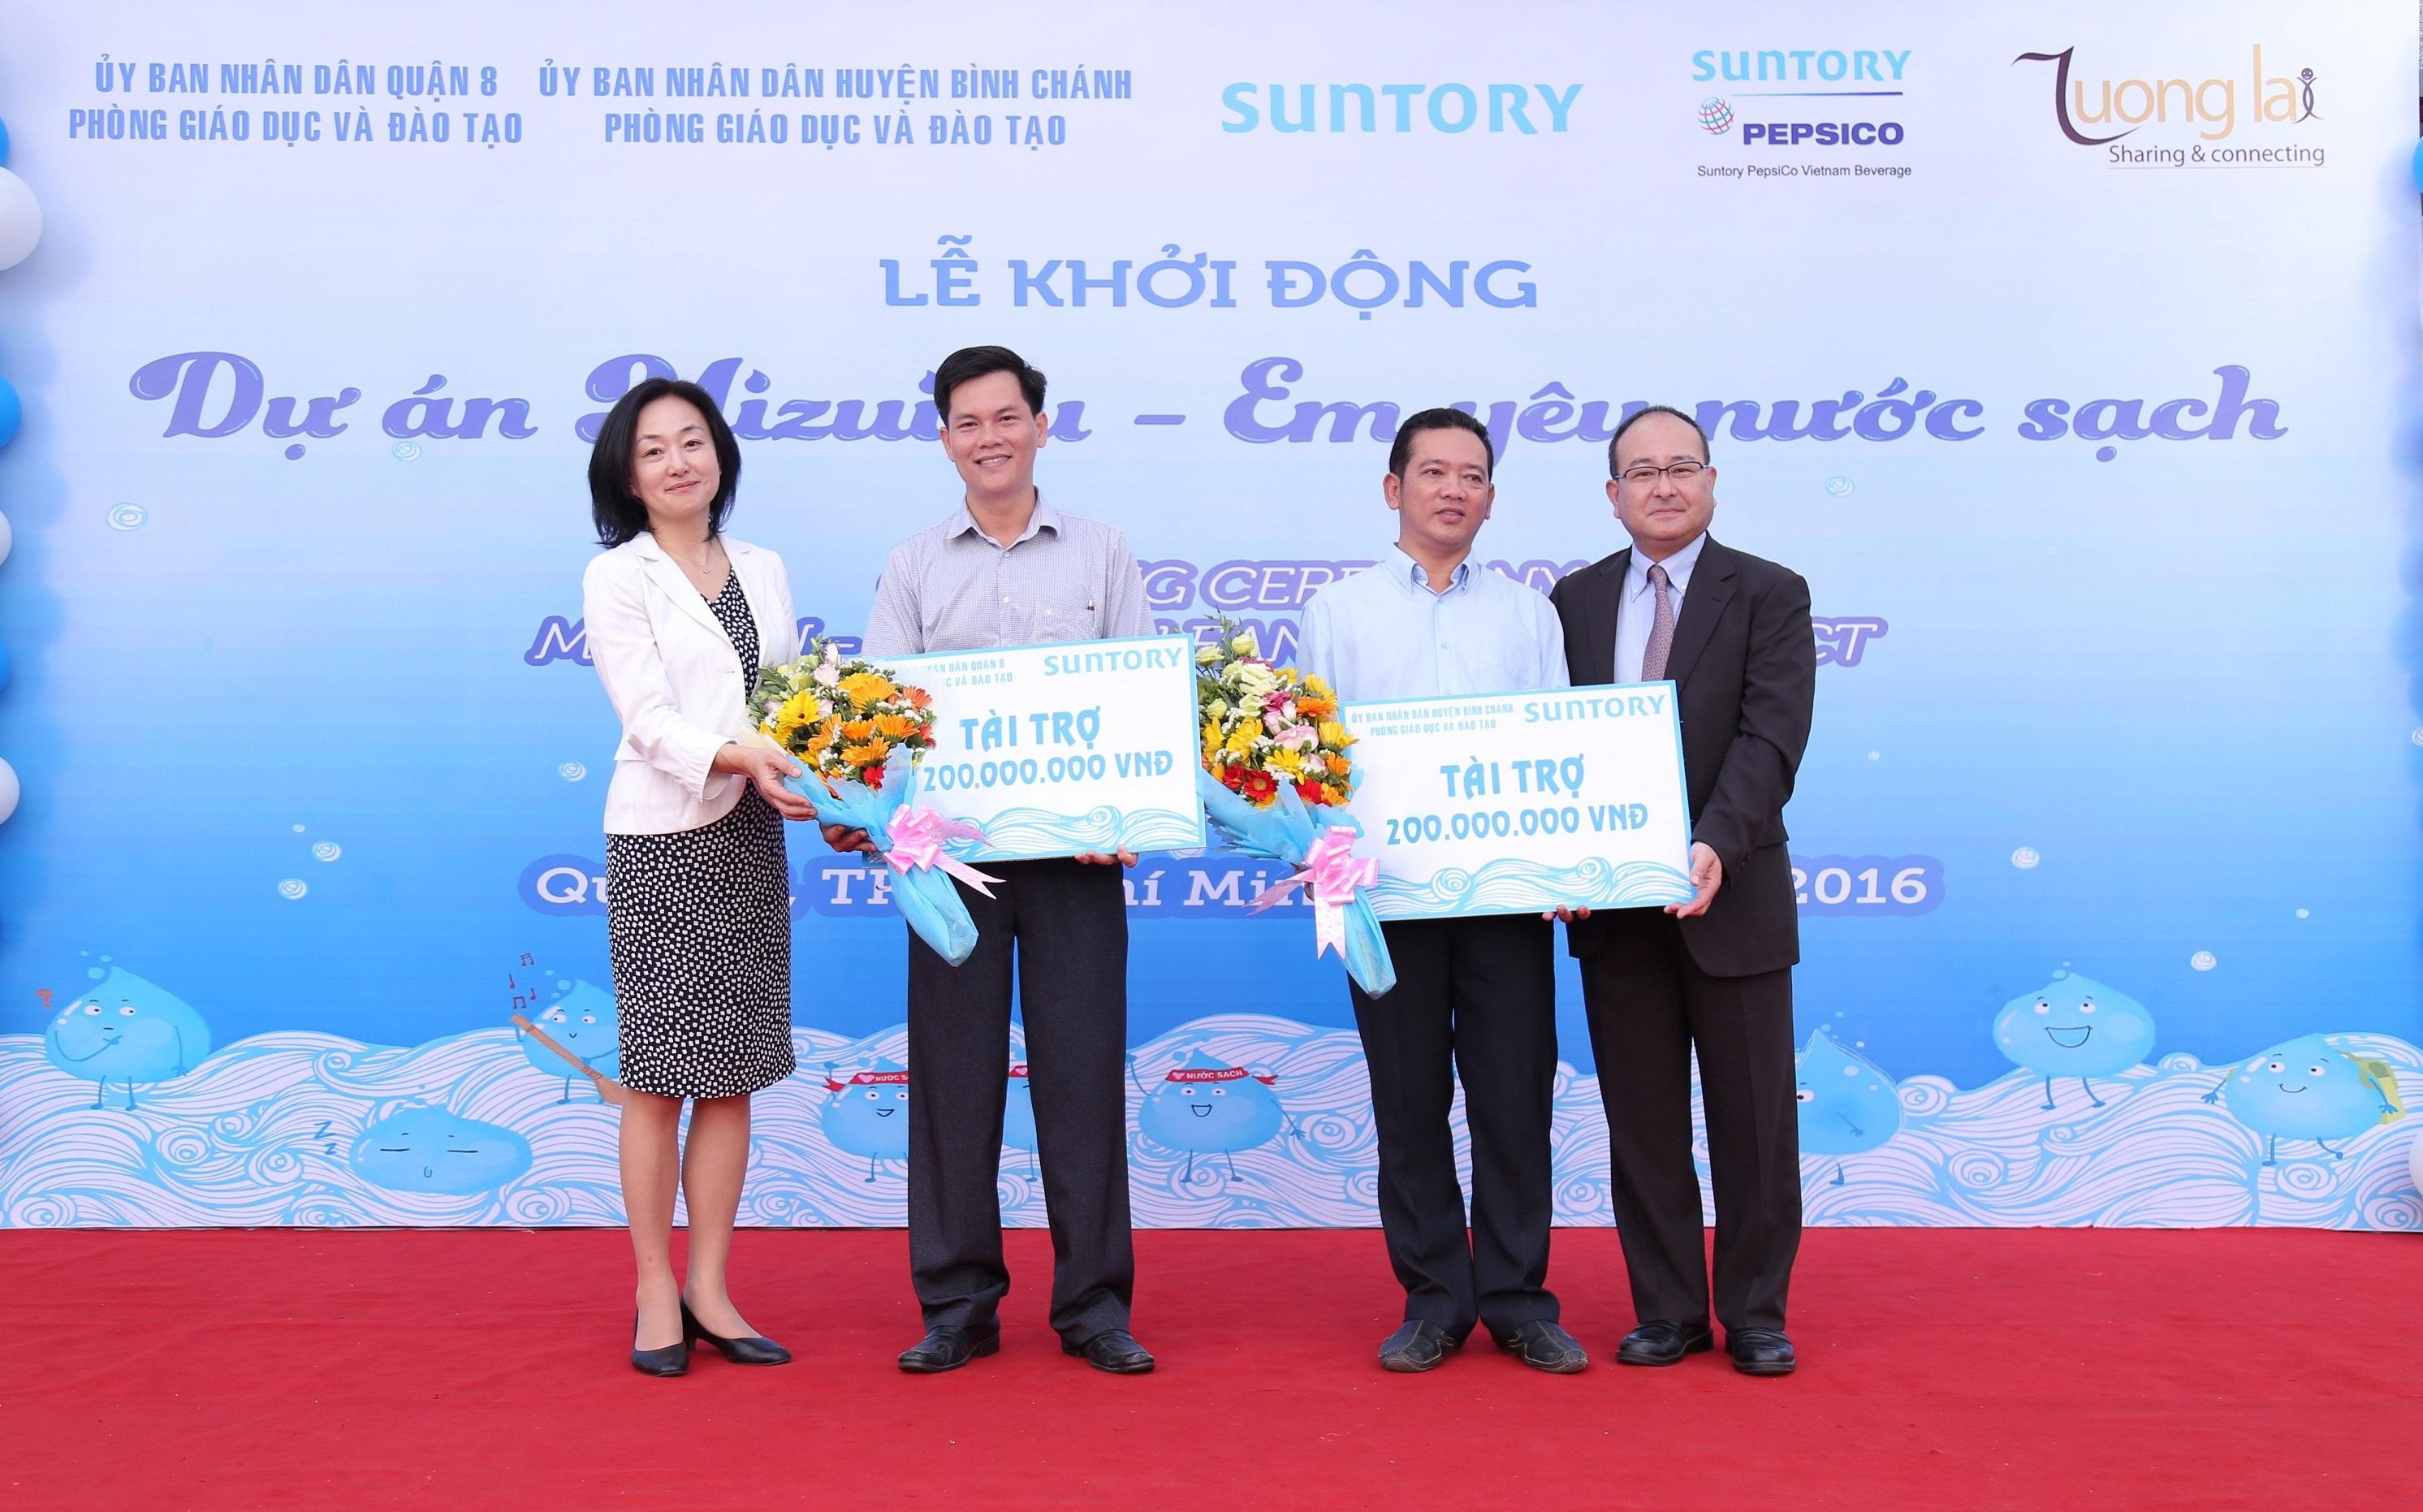 Đại diện Tập đoàn Suntory và công ty Suntory Pepsico Vietnam trao kinh phí hỗ trợ xây mới hệ thống lọc nước và nâng cấp nhà vệ sinh cho đại diện các trường tiểu học tham gia dự án